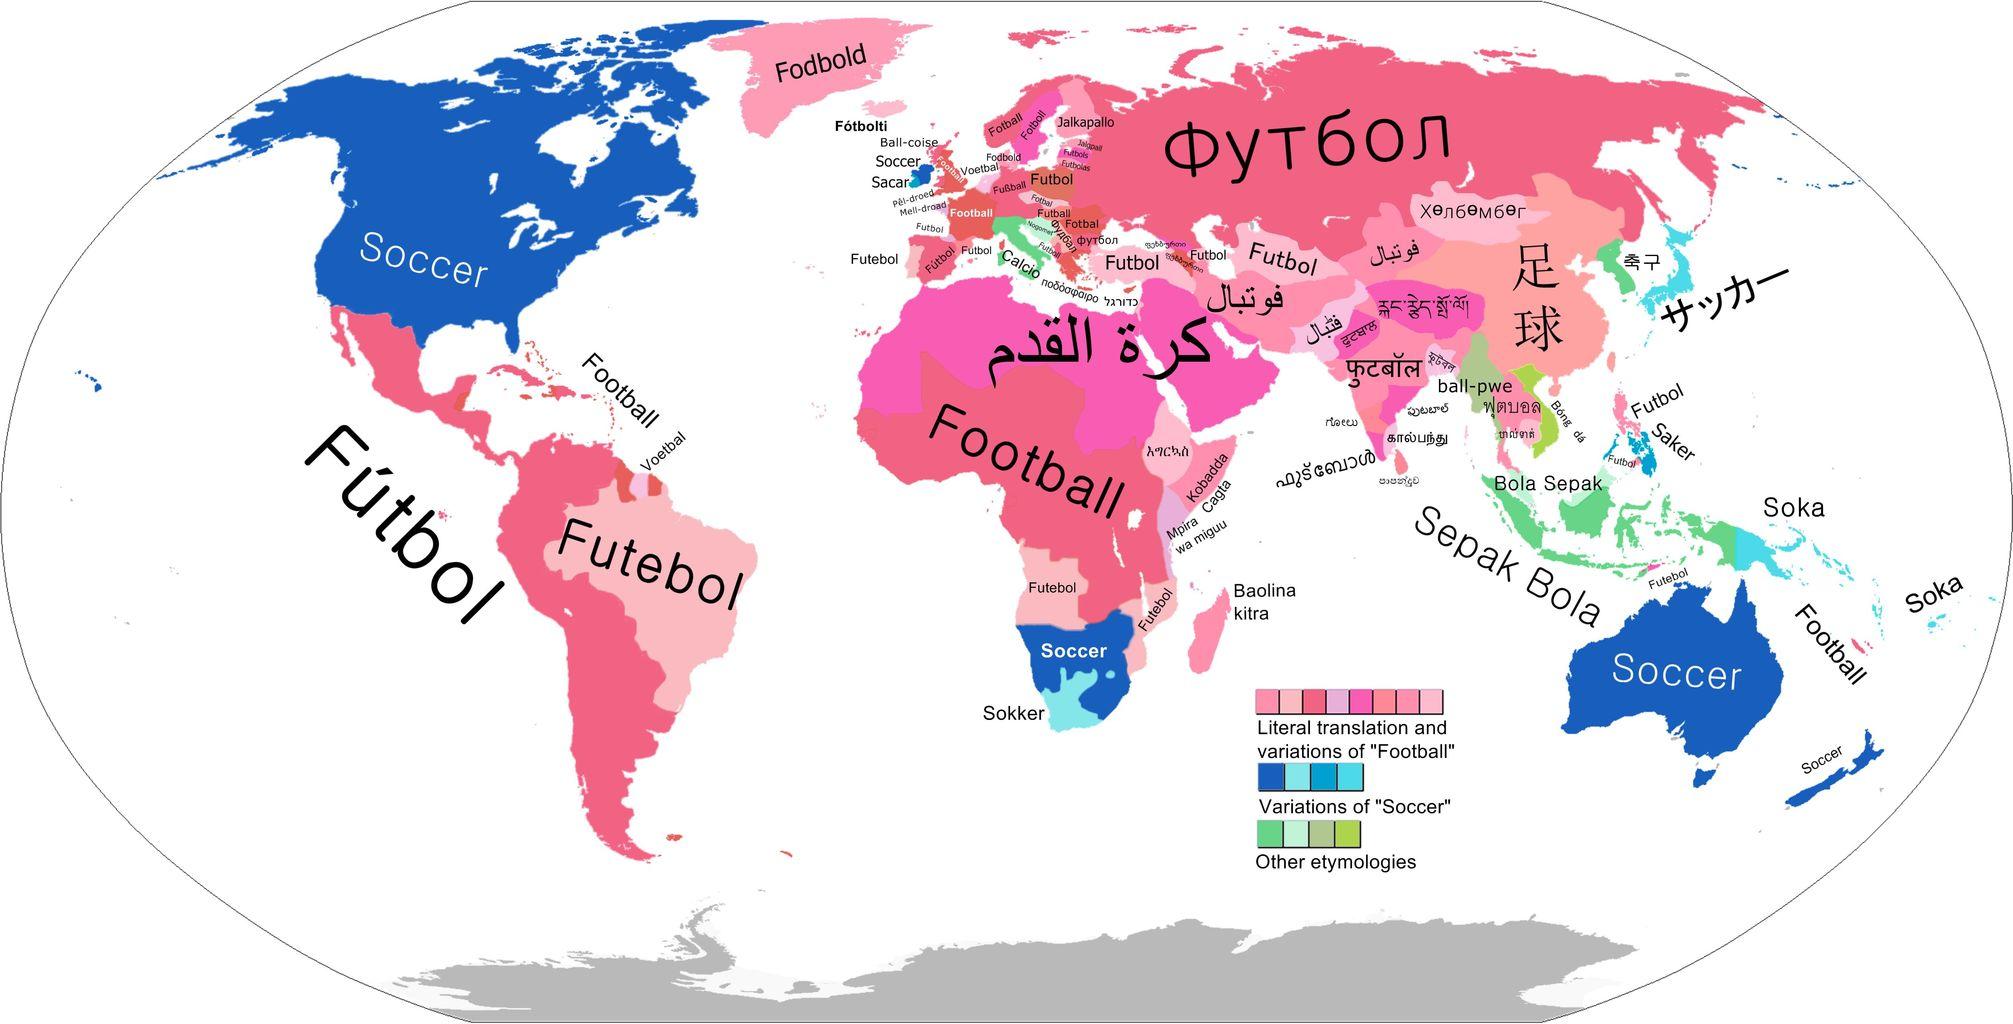 【スポーツ】日本はなぜサッカーと呼ぶ? 世界はフットボールが主流